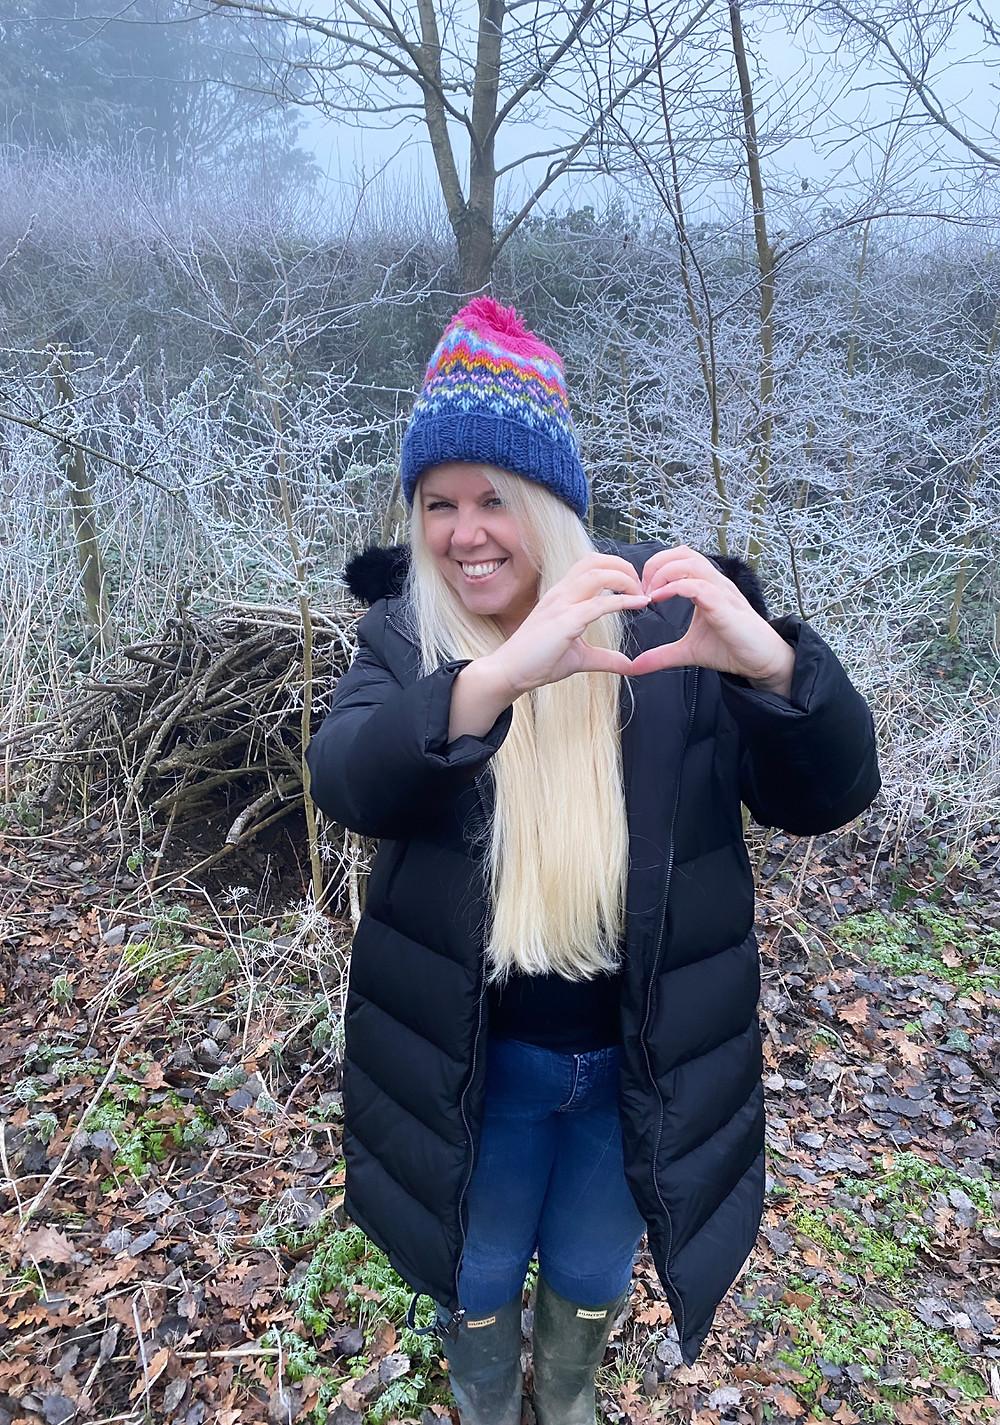 Somerset cool, Jenna Myles, Somerset cool kindness, Somerset blog, Somerset blogger, best blog in Somerset